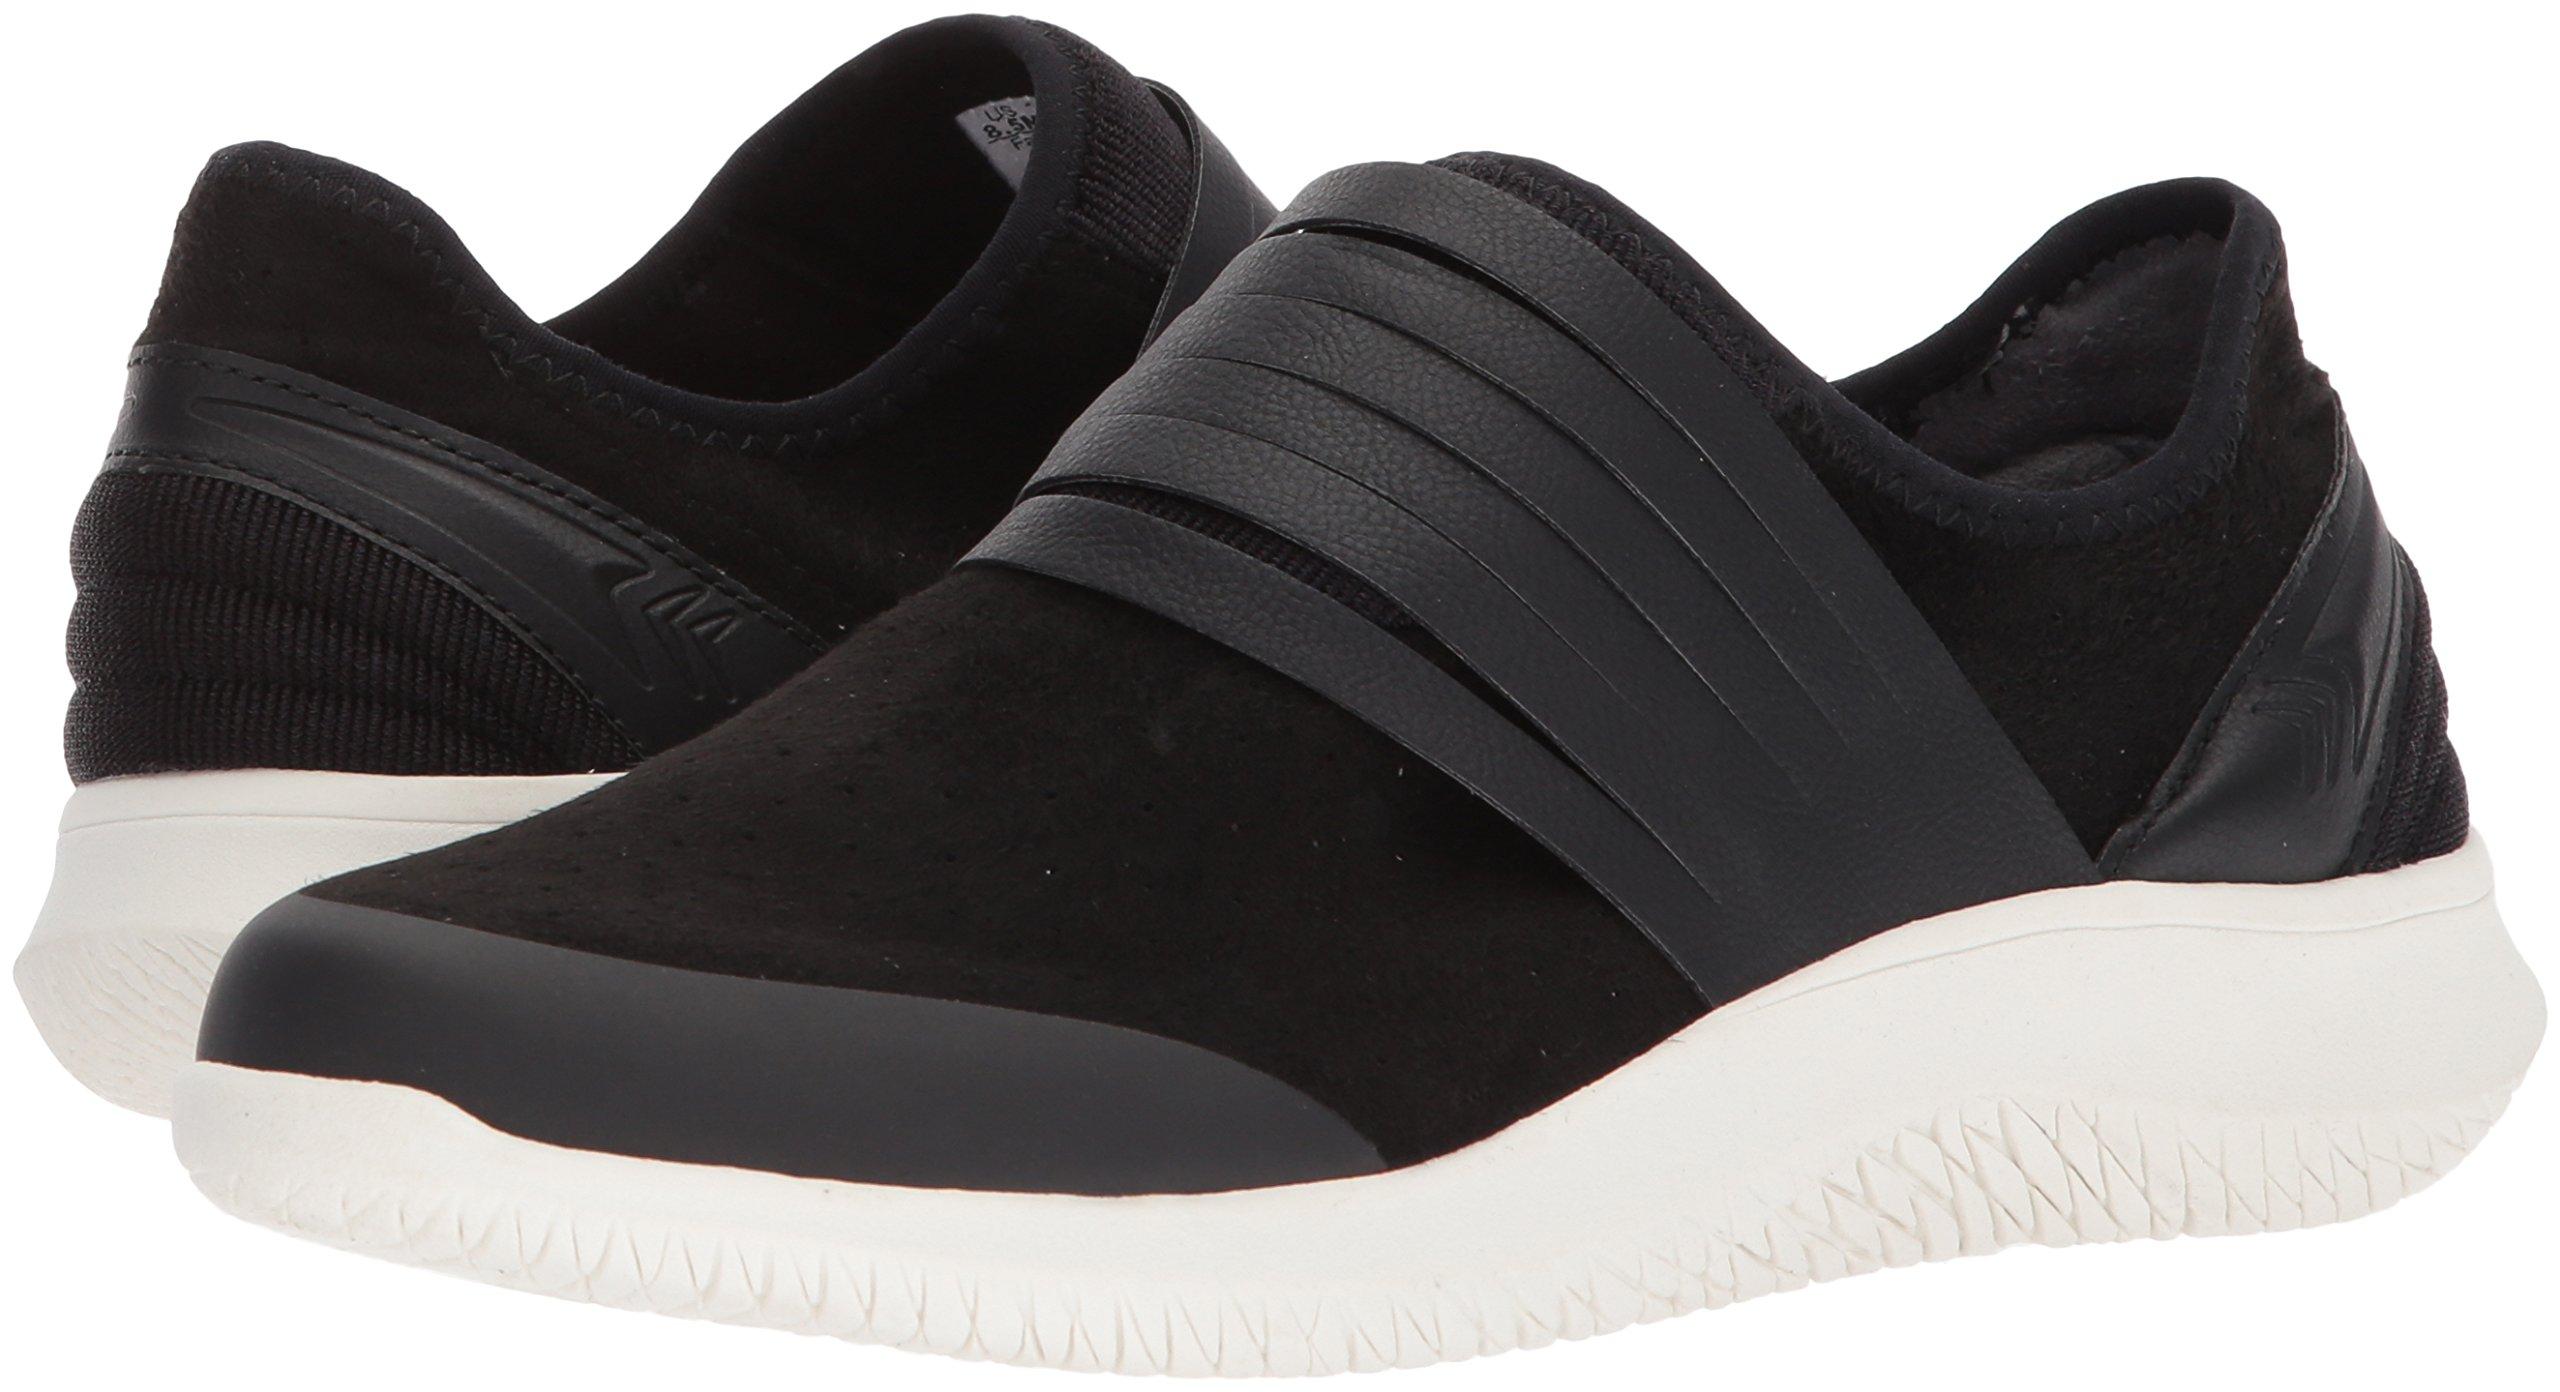 Dr. Scholl's Shoes Women's Foxy Sneaker